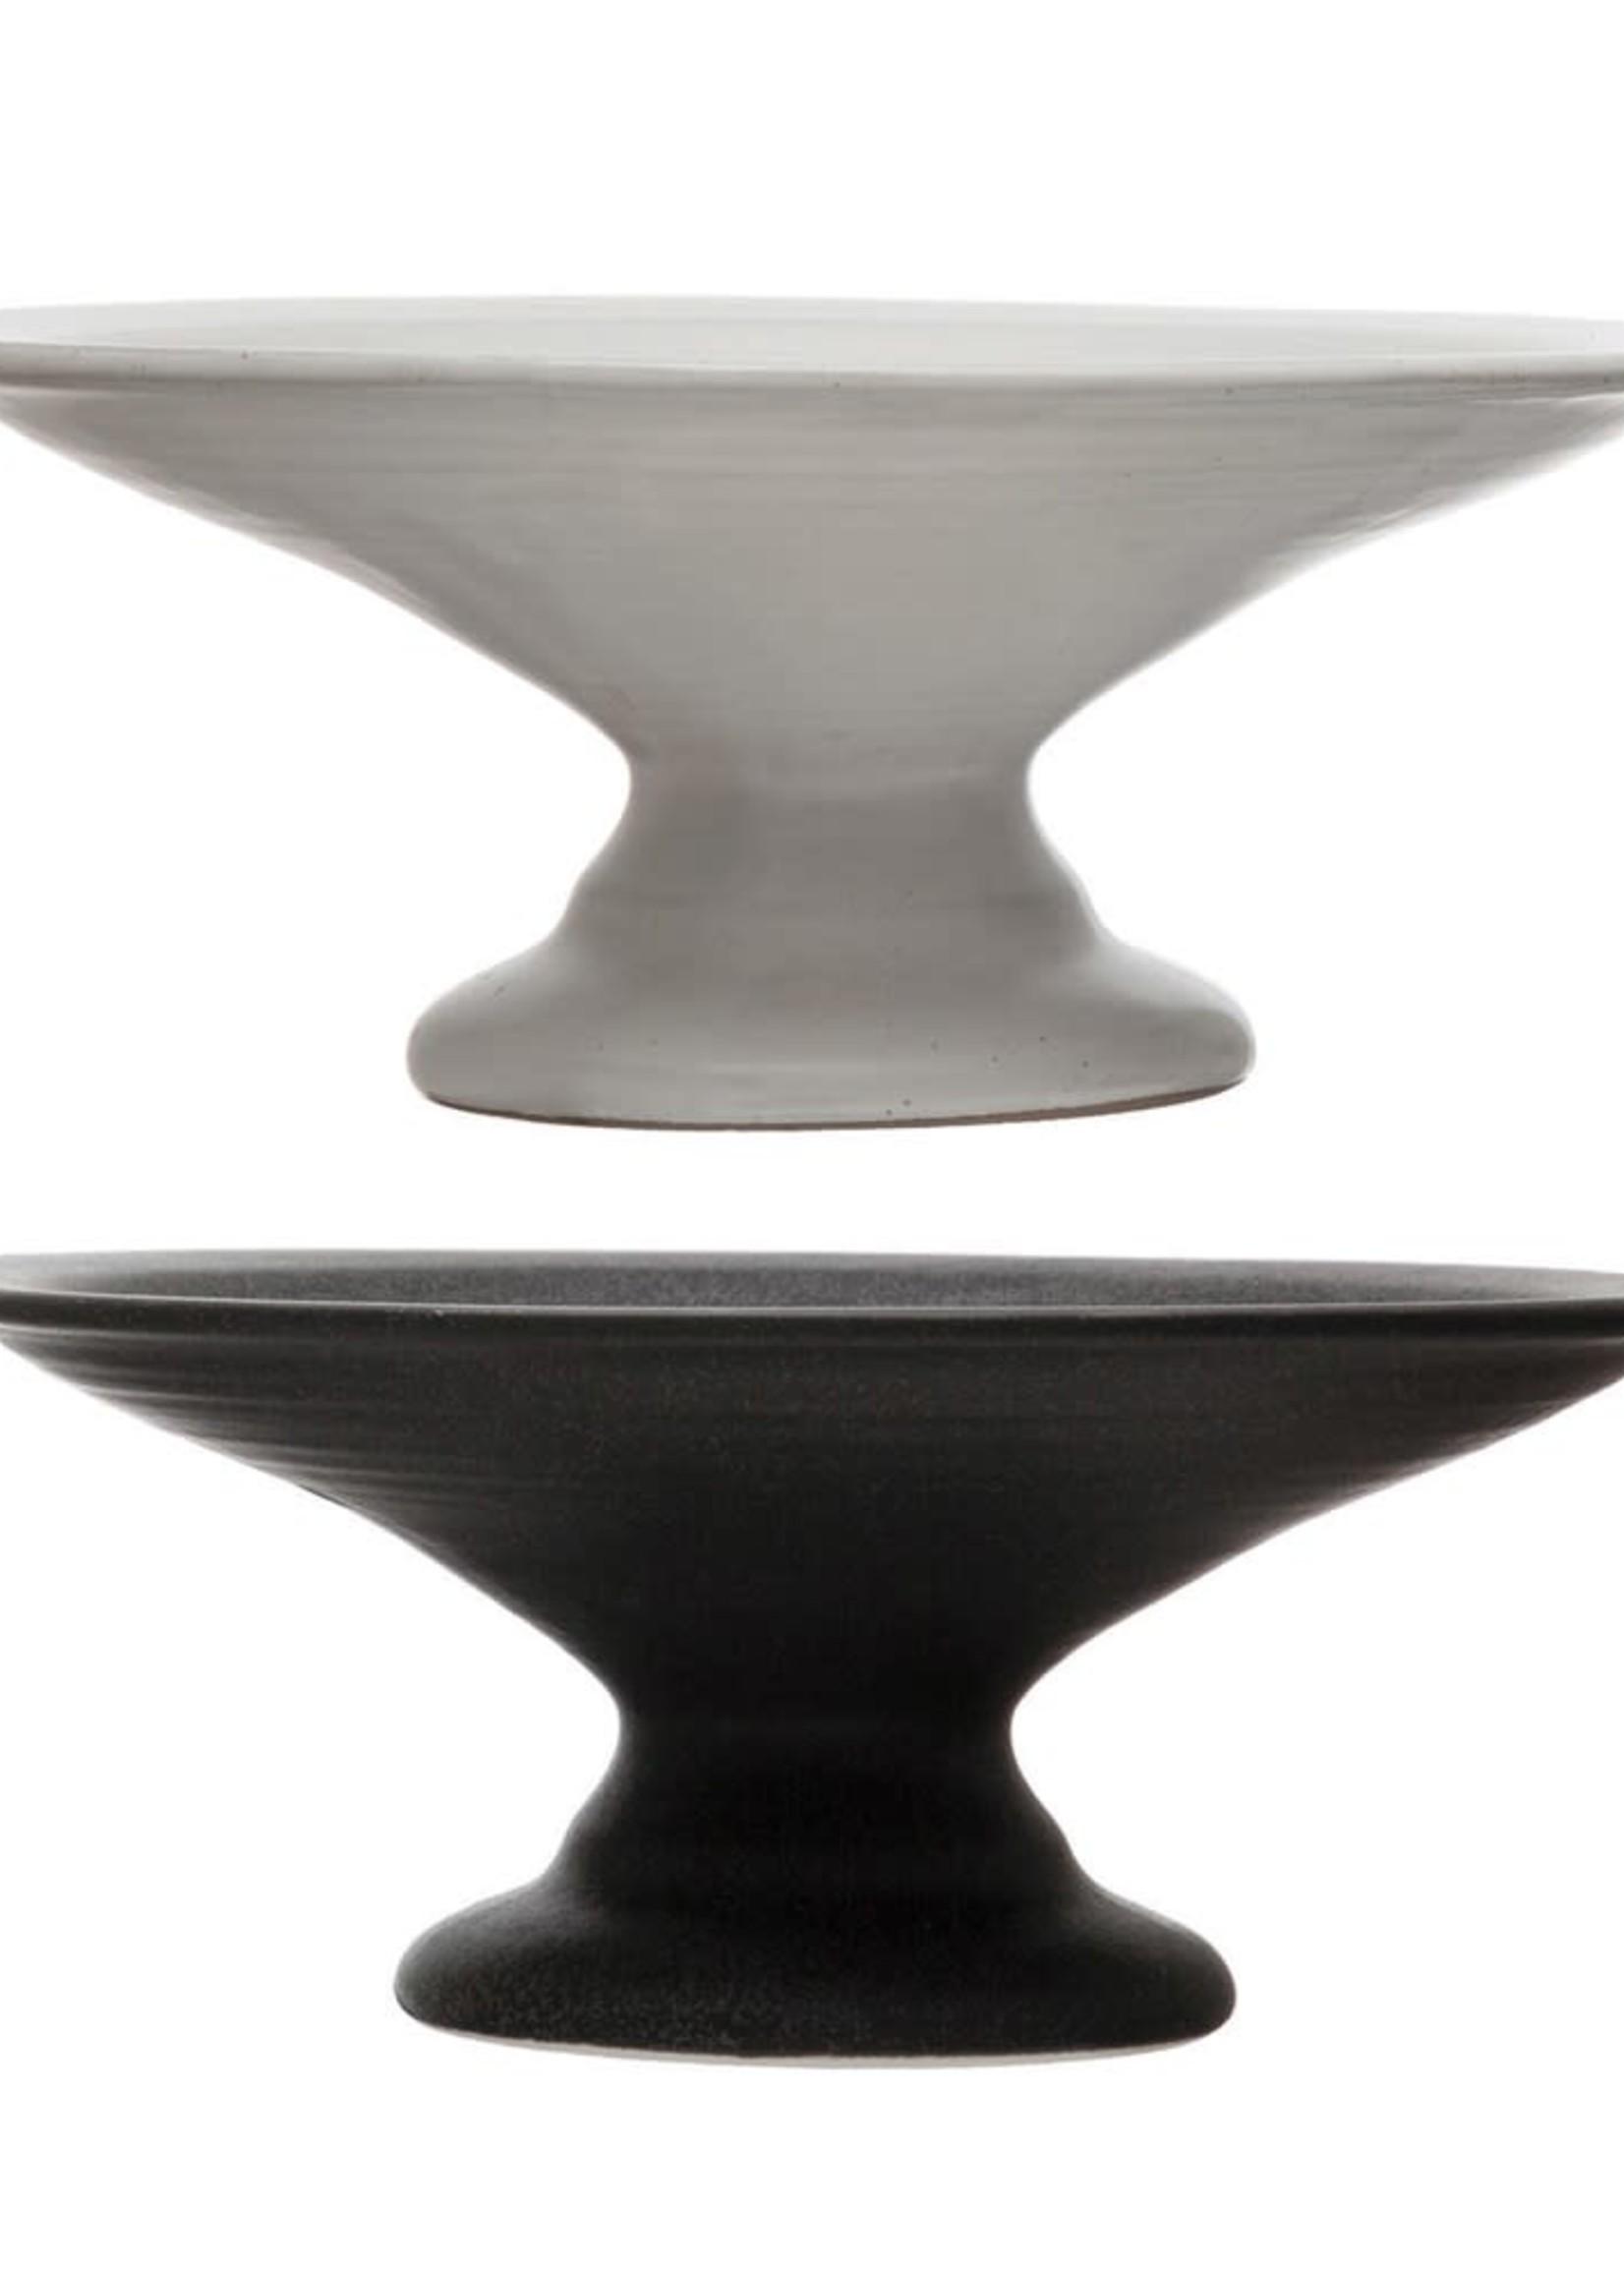 Medium Stoneware Pedestals, Matte Finish, 2 Colors